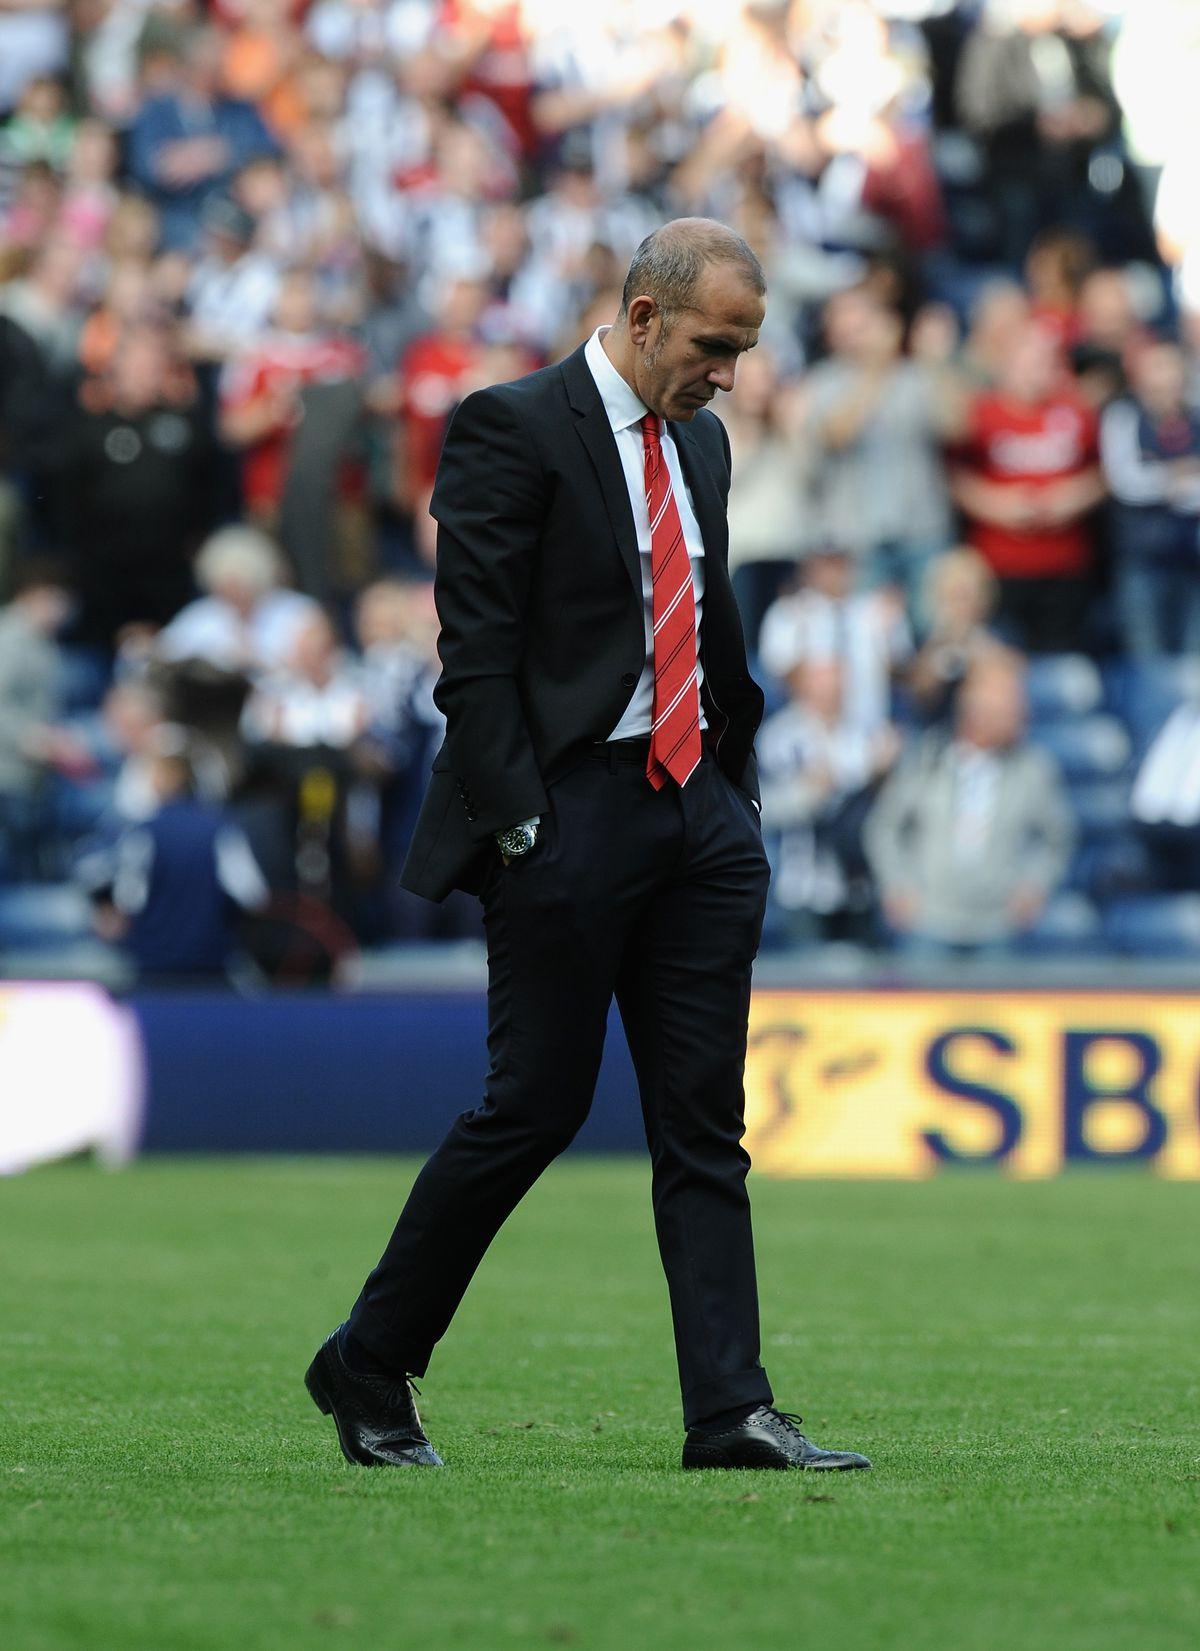 West Bromwich Albion v Sunderland - Premier League